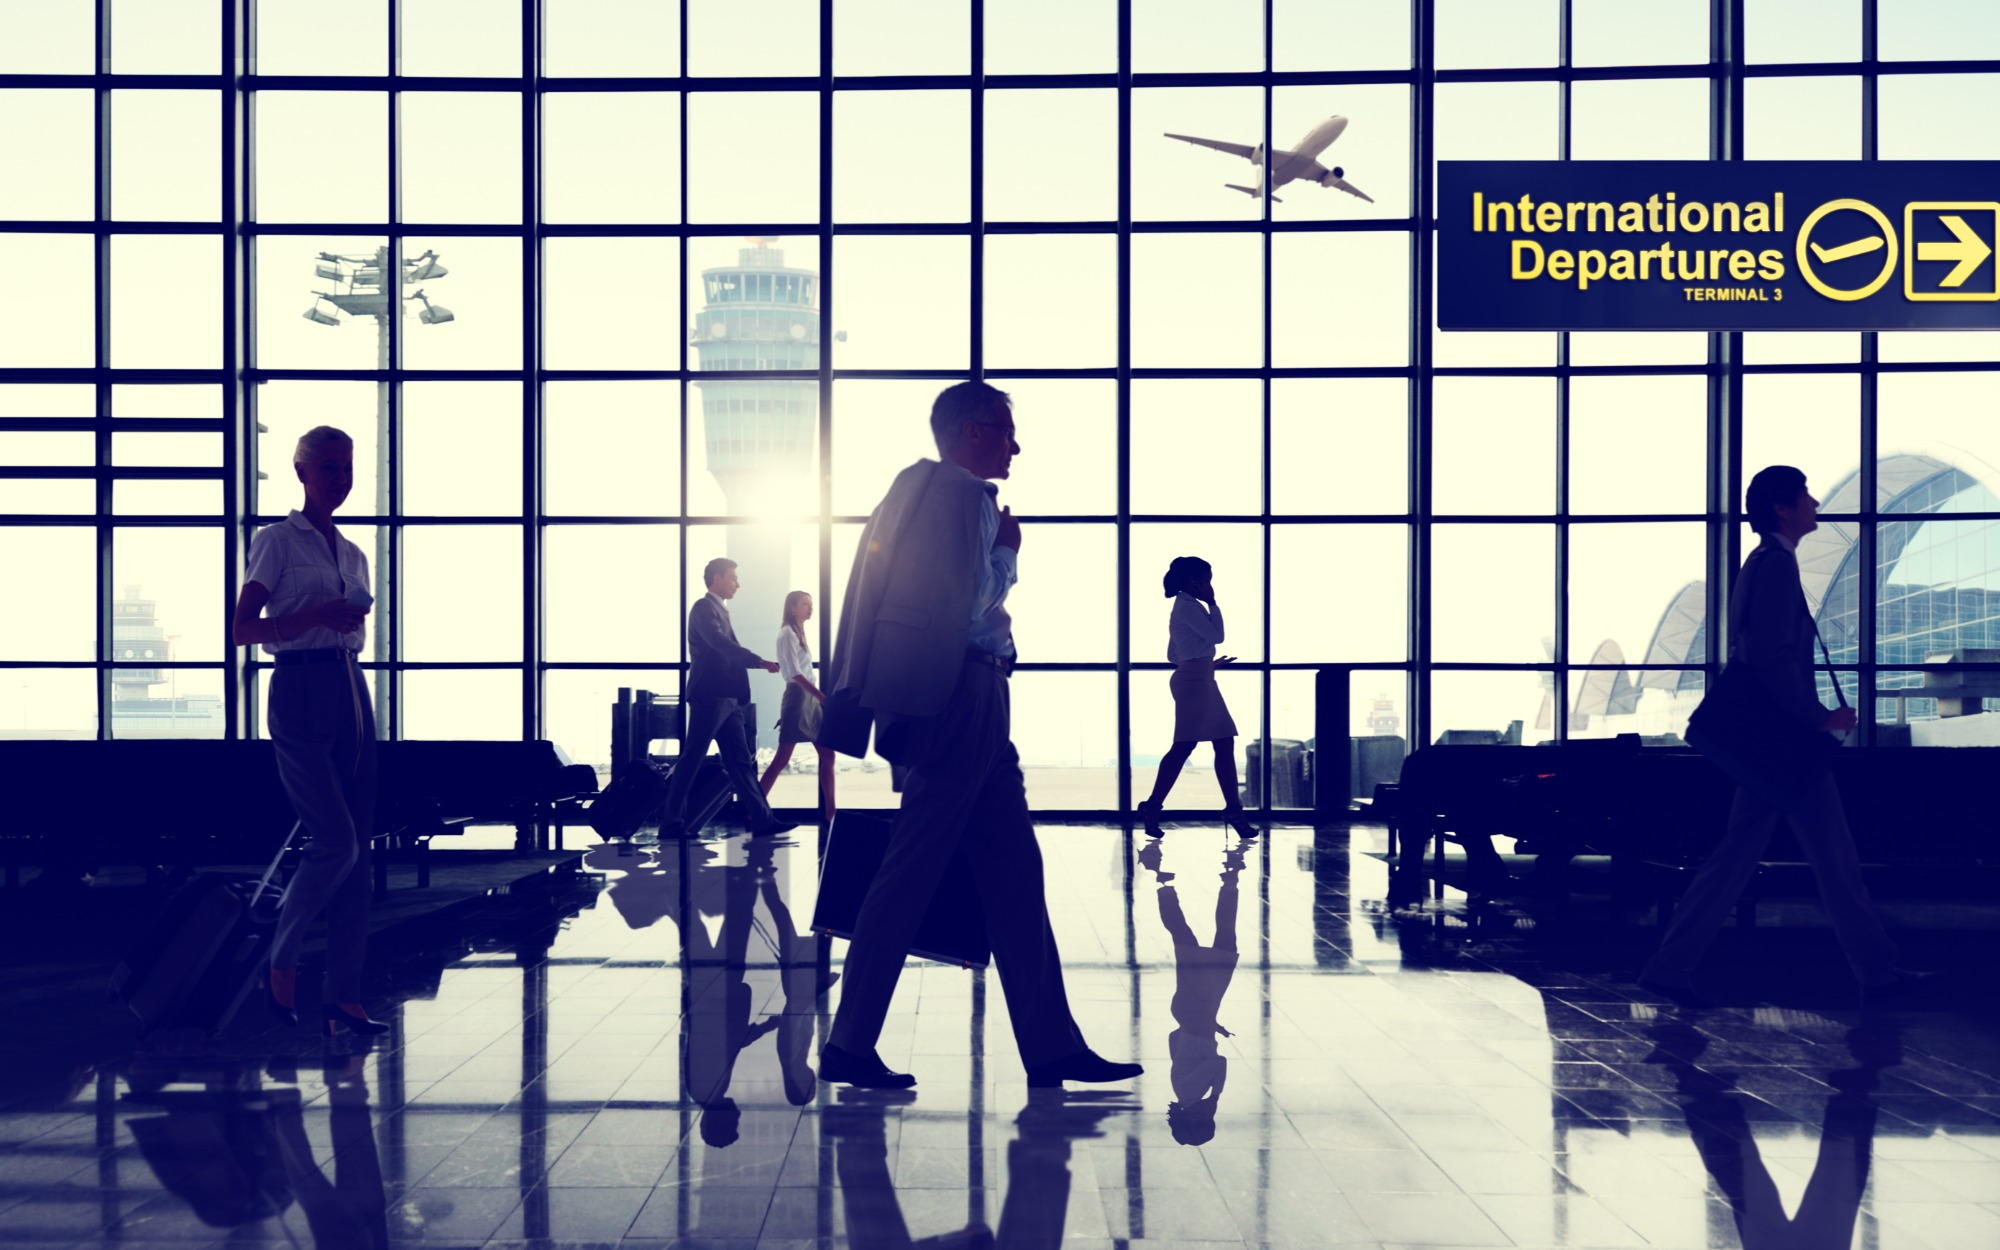 Internacionalizar<br>é chegar a novos Mundos